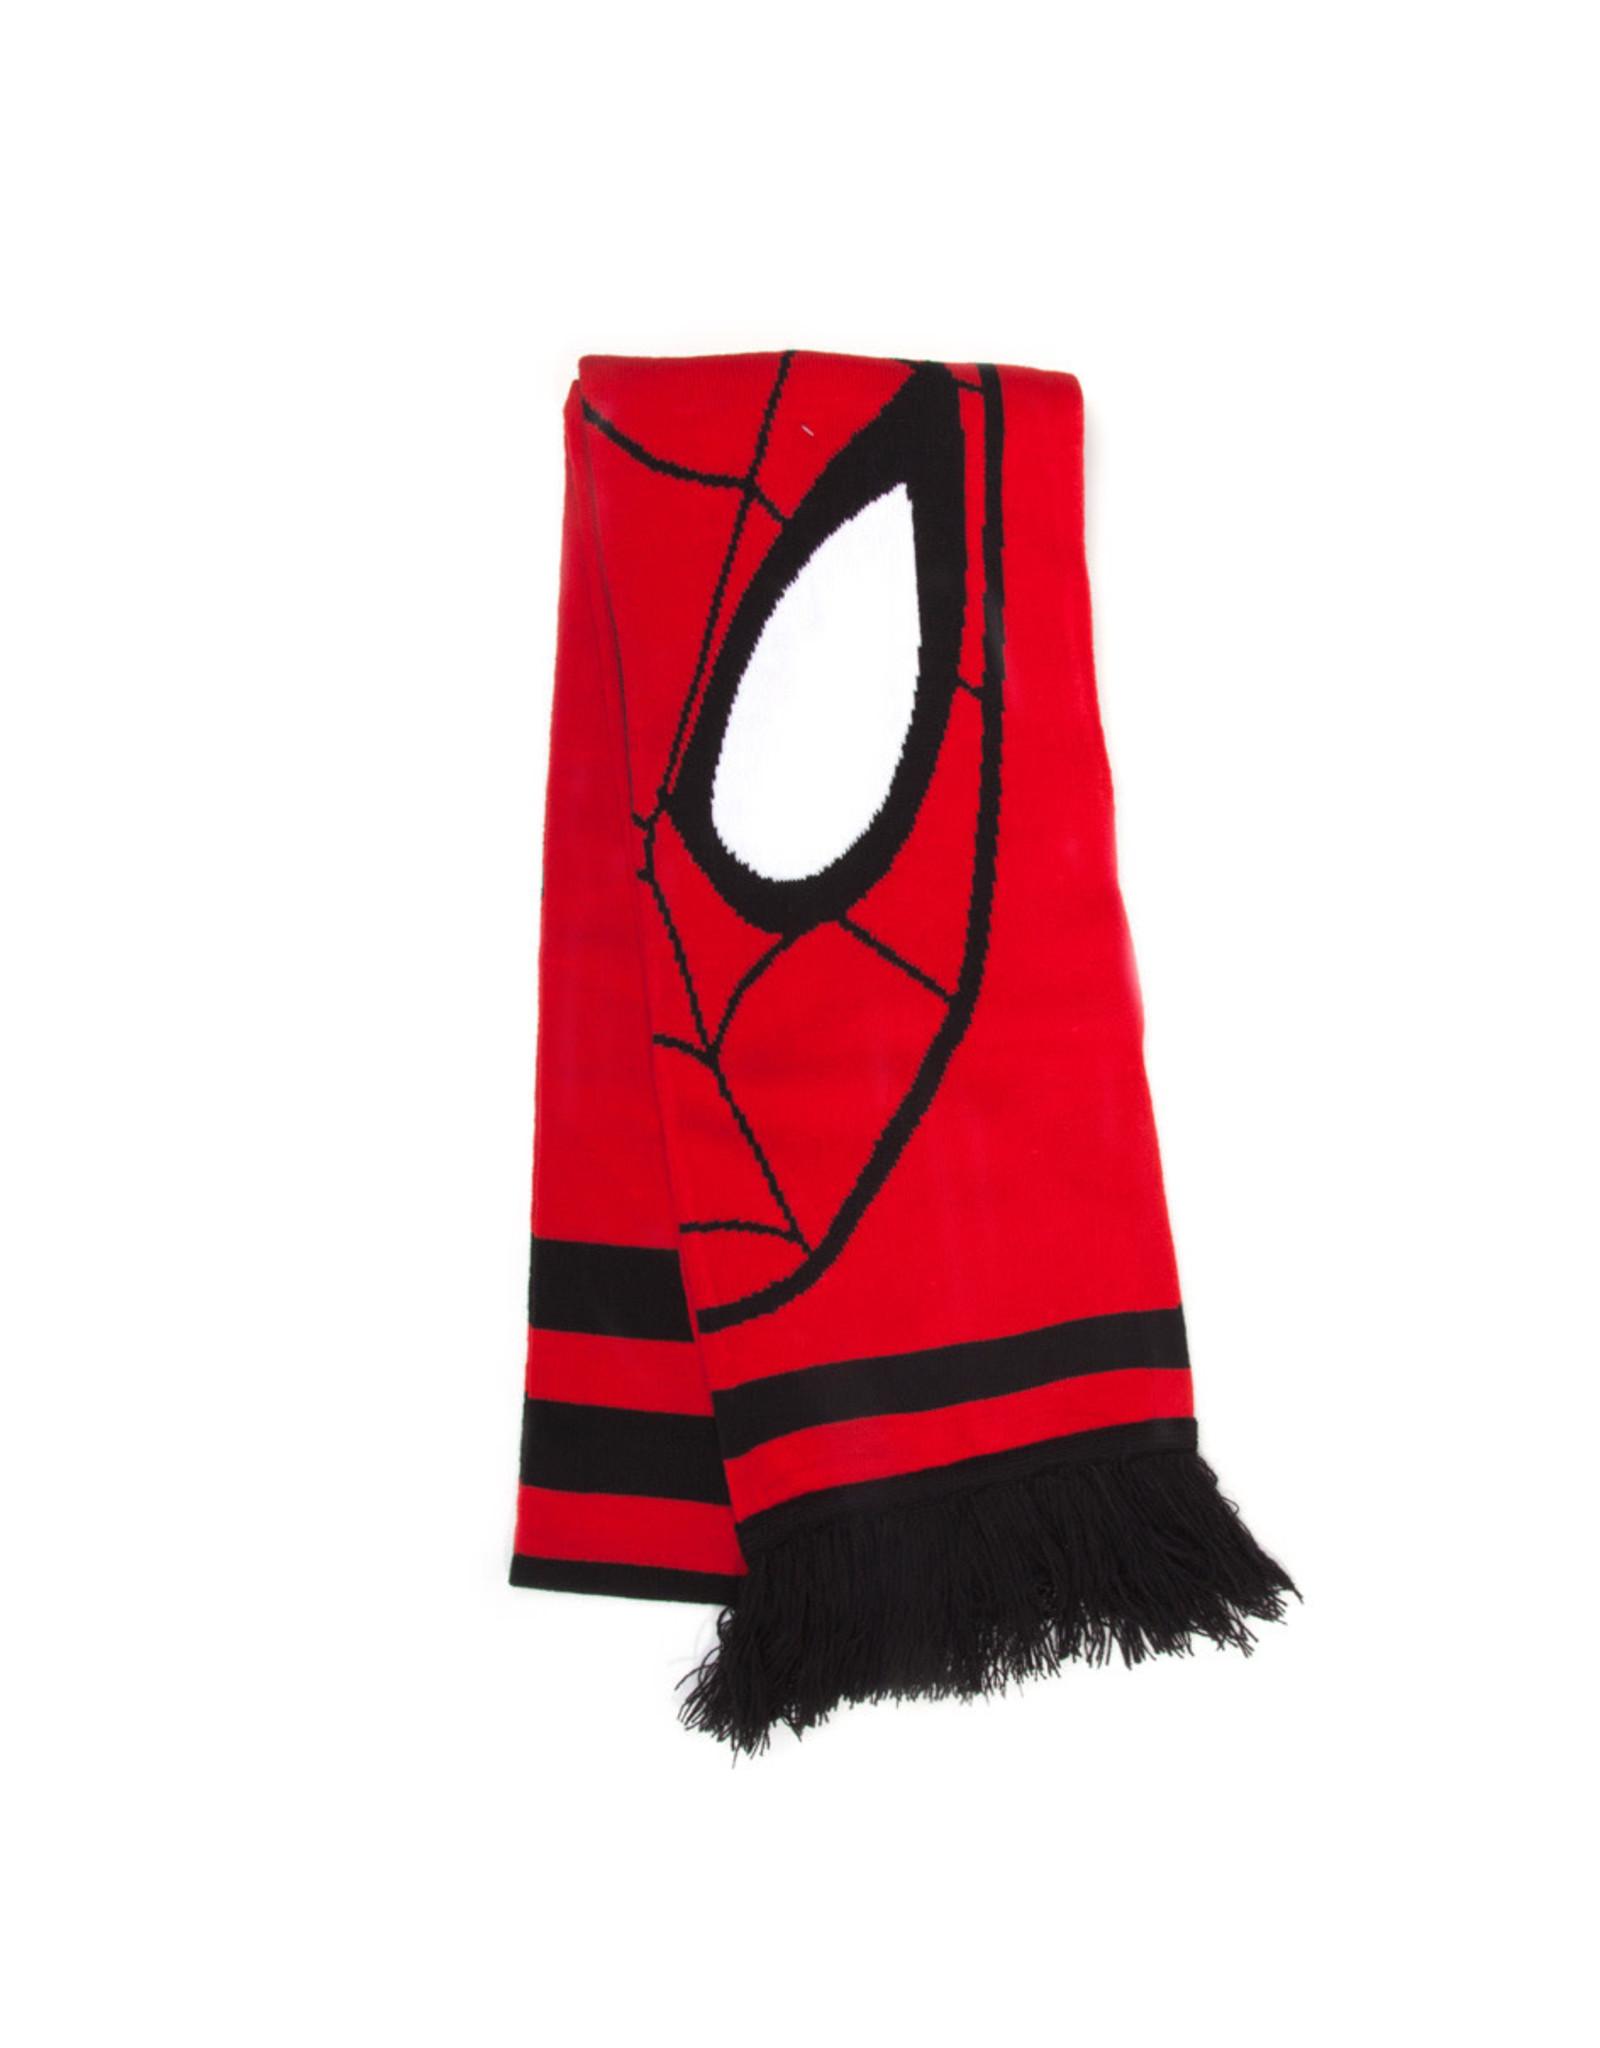 MARVEL - Scarf - Ultimate Spider-Man